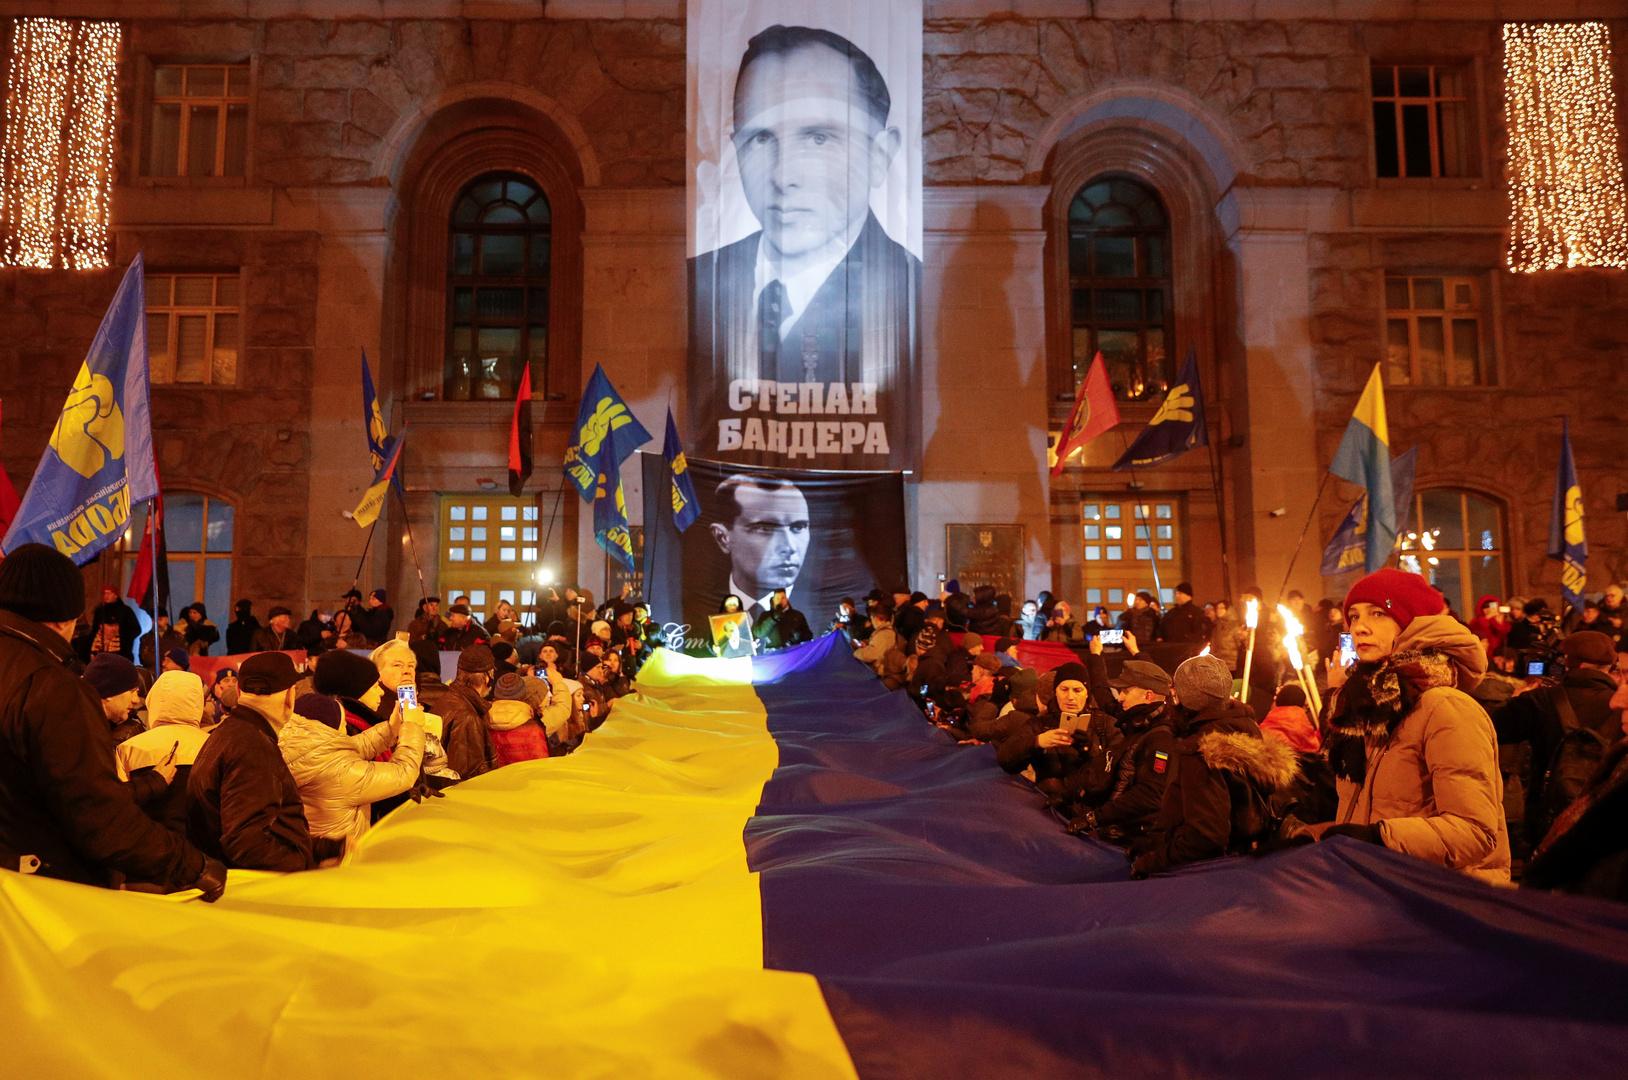 صورة لستيبان بانديرا على واجهة مبنى إدارة كييف